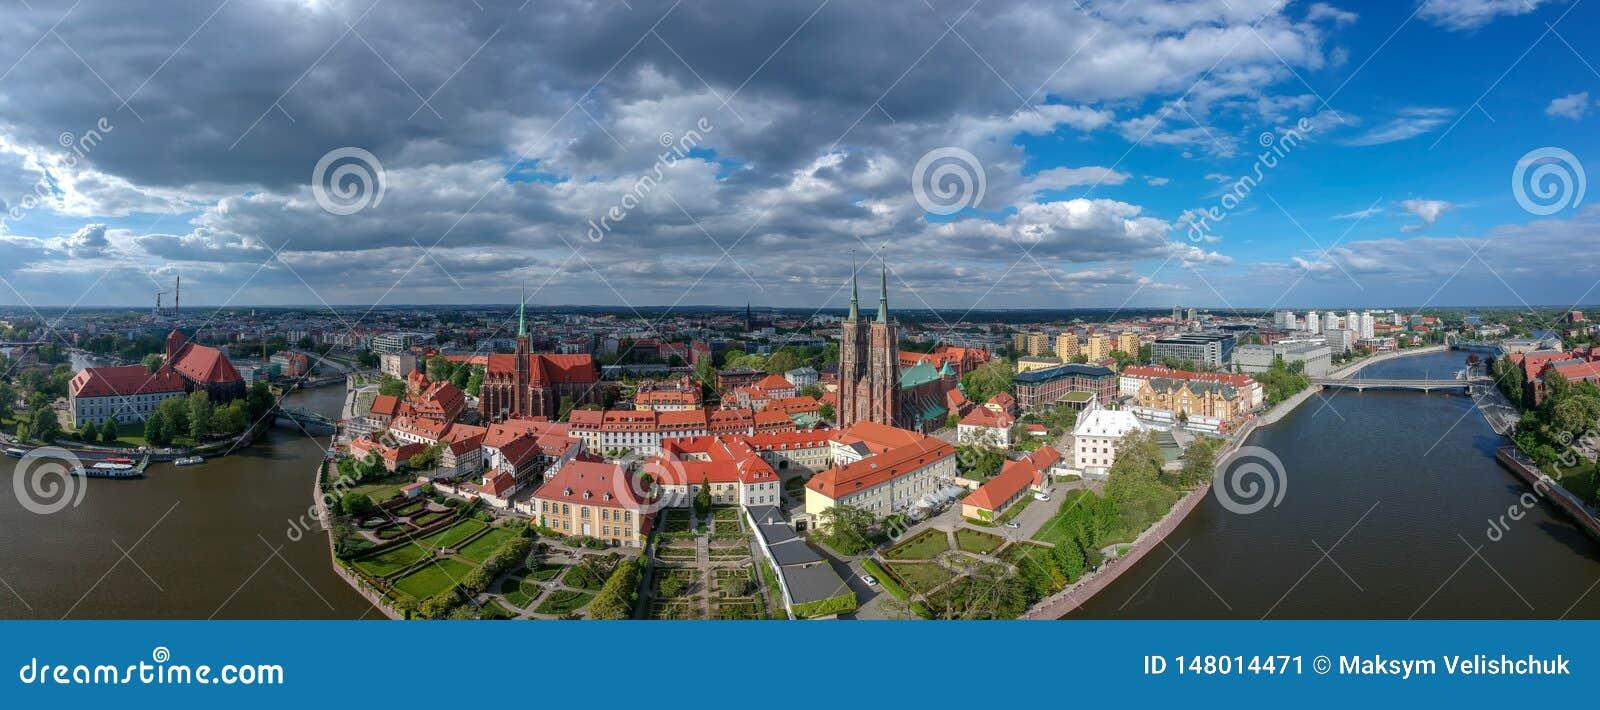 Η εναέρια άποψη Wroclaw: Ostrow Tumski, καθεδρικός ναός του ST John η βαπτιστική και συλλογική εκκλησία του ιερού σταυρού και του